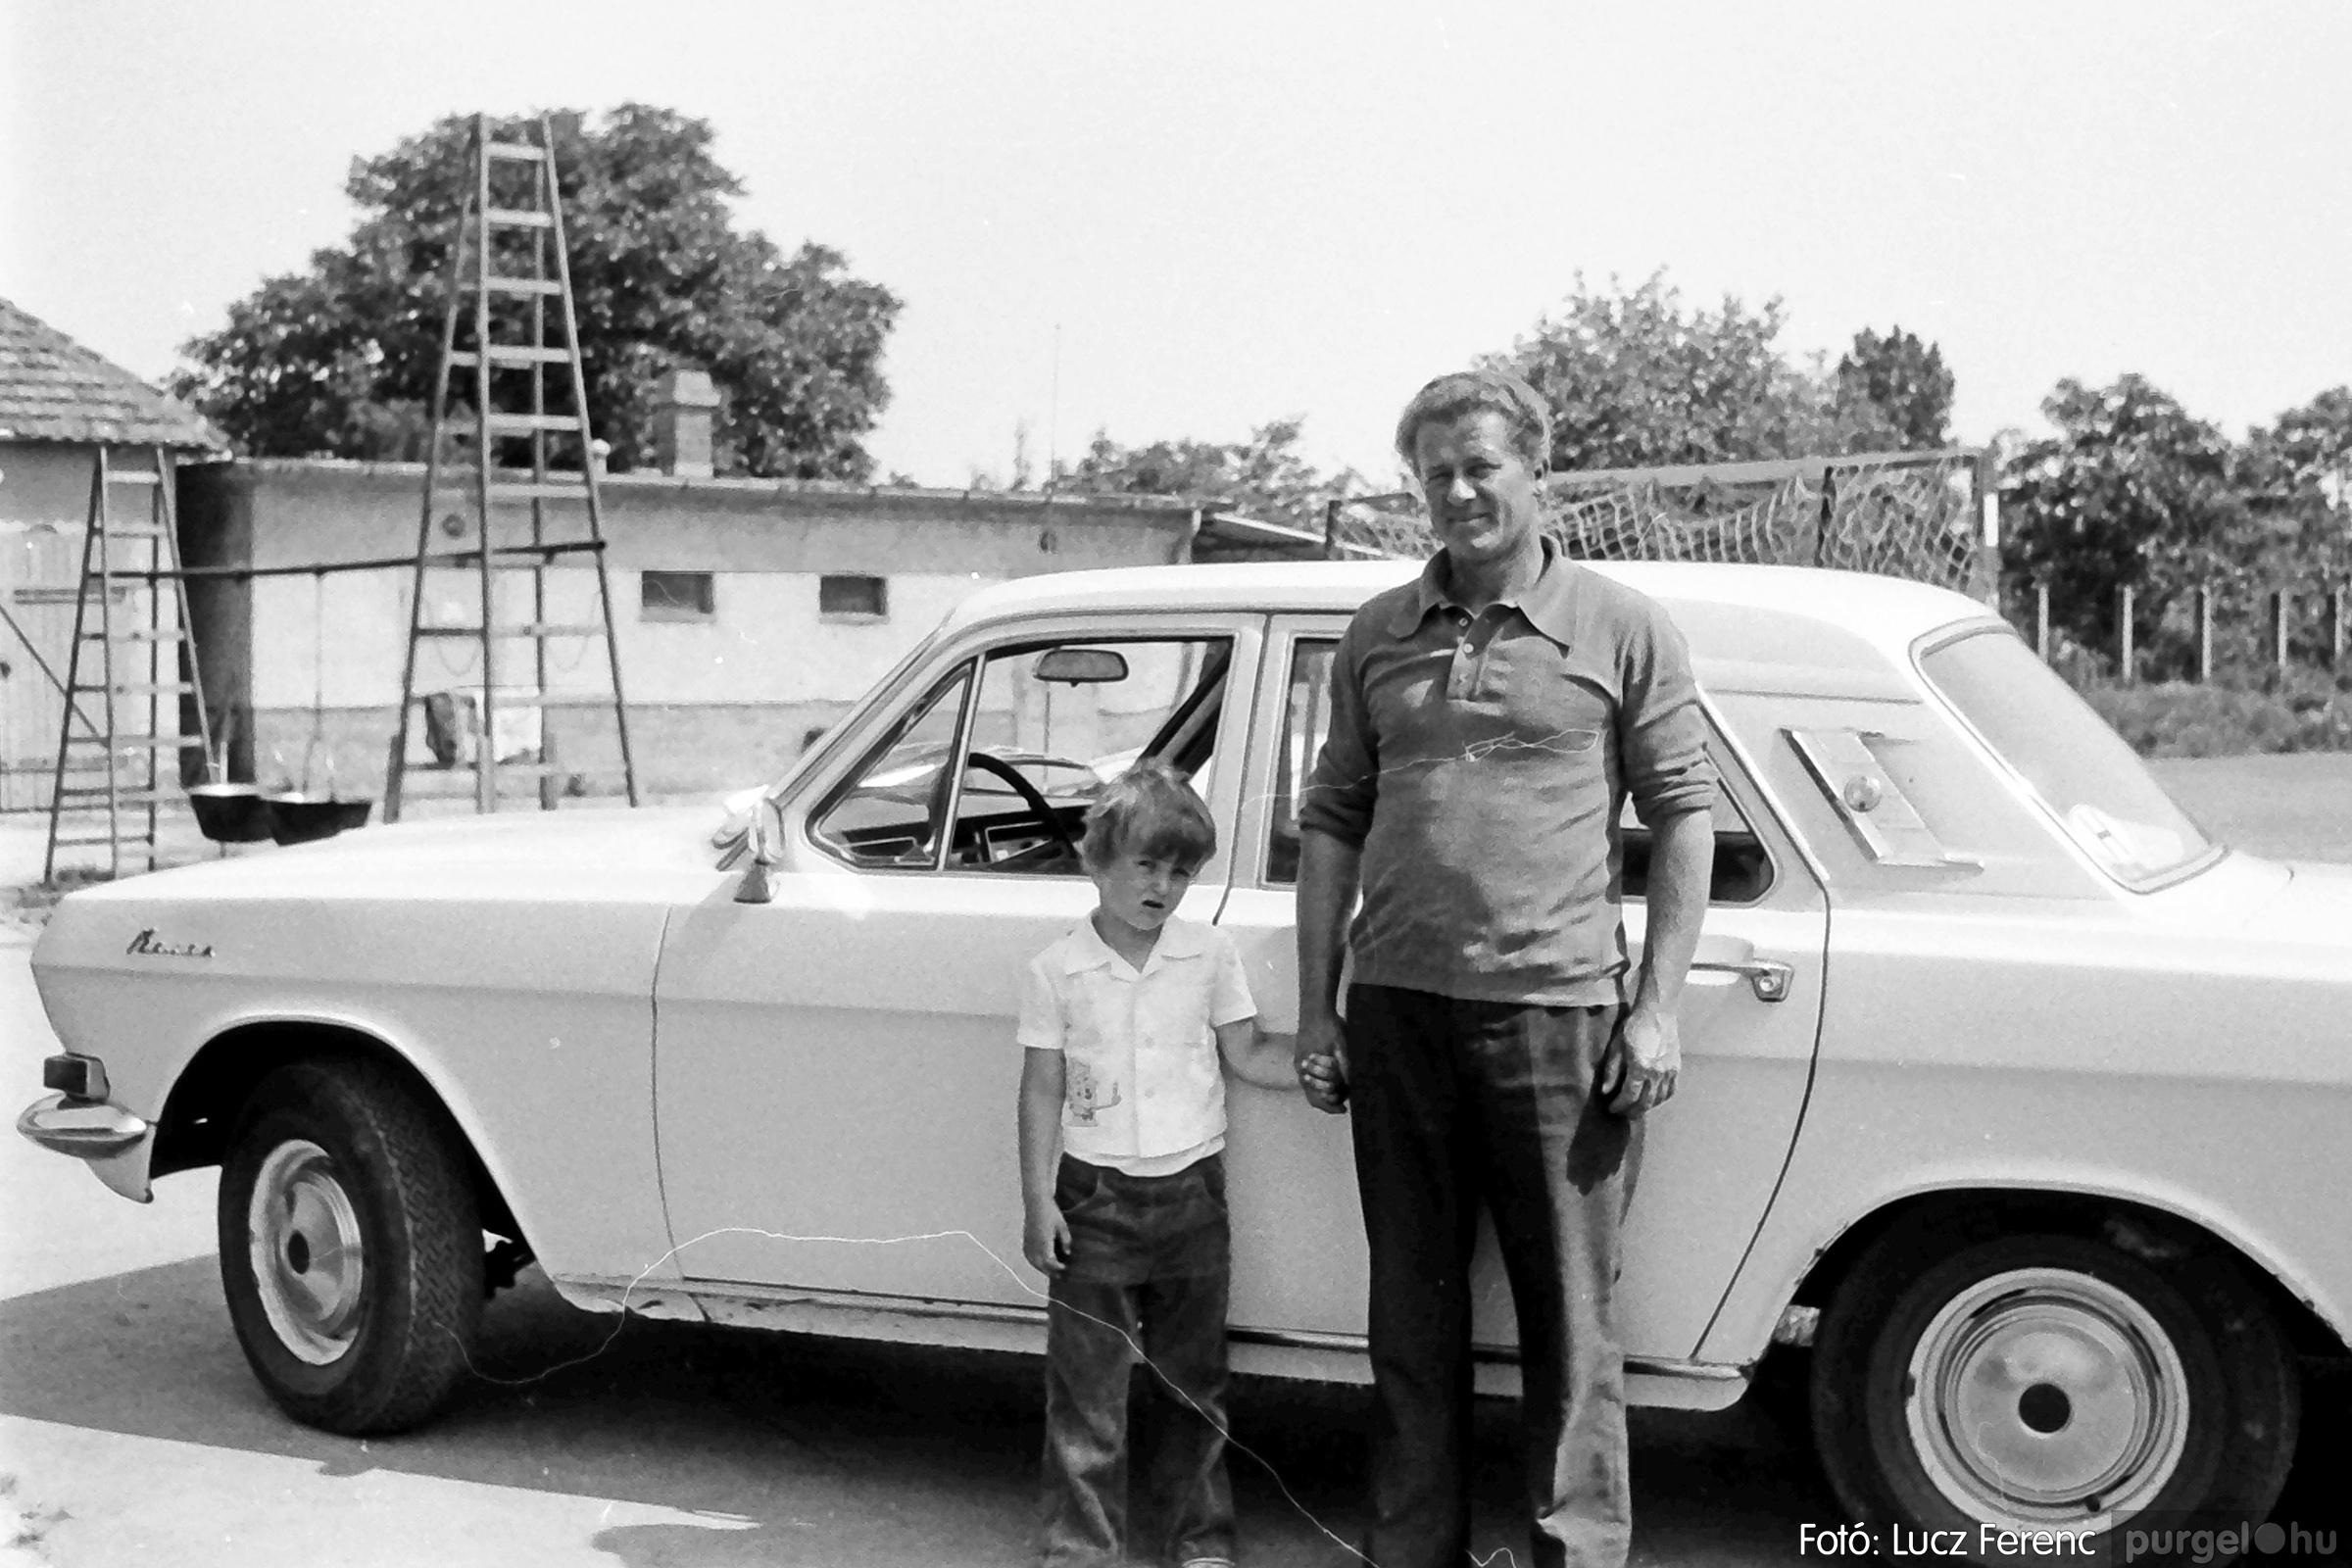 081. 1977. Kendergyári dolgozók vetélkedője 013. - Fotó: Lucz Ferenc.jpg